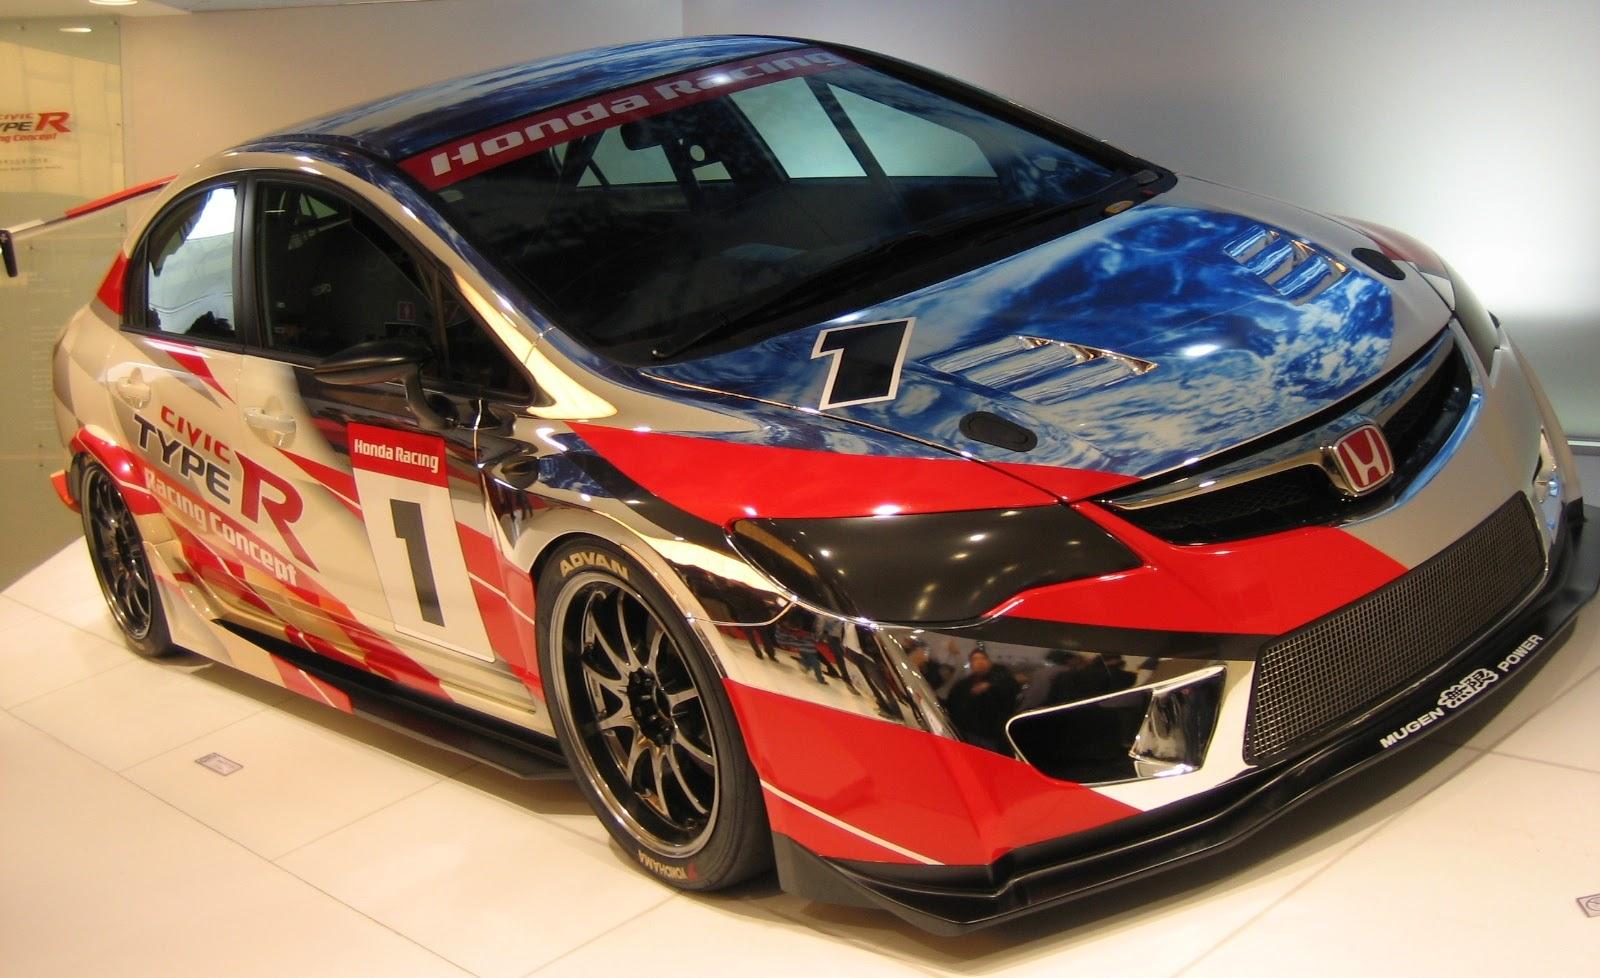 57 Gambar Mobil Honda Civic Racing  Ragam Modifikasi